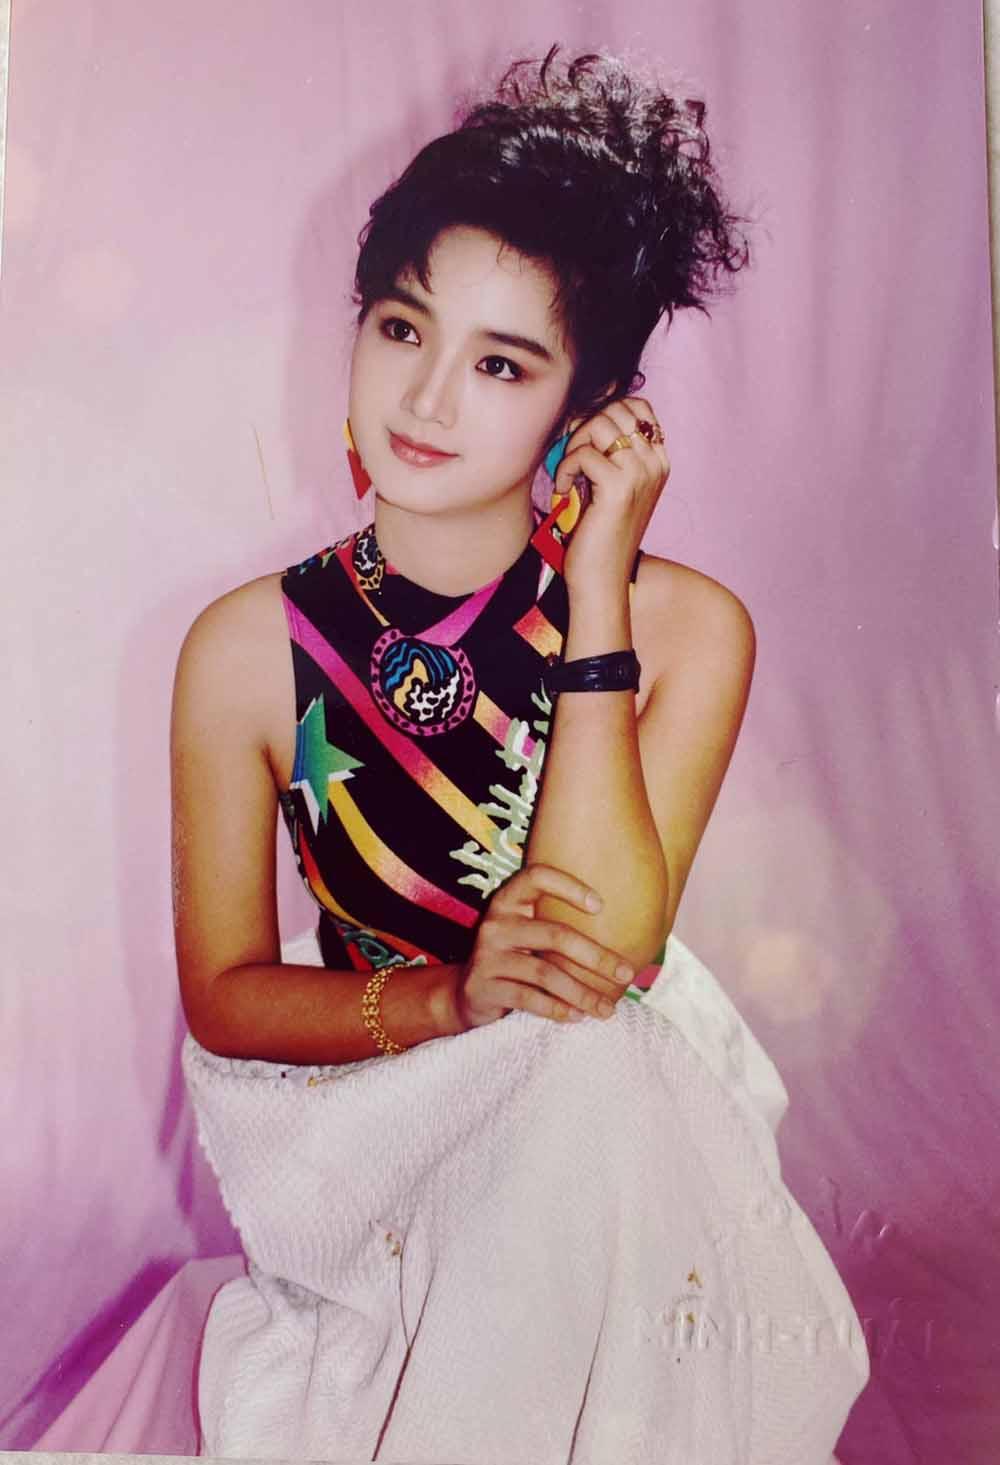 """Vẻ đẹp nghiêng thành thời trẻ khiến nhiều tỷ phú """"ngã gục"""" của hoa hậu Đền Hùng - 4"""